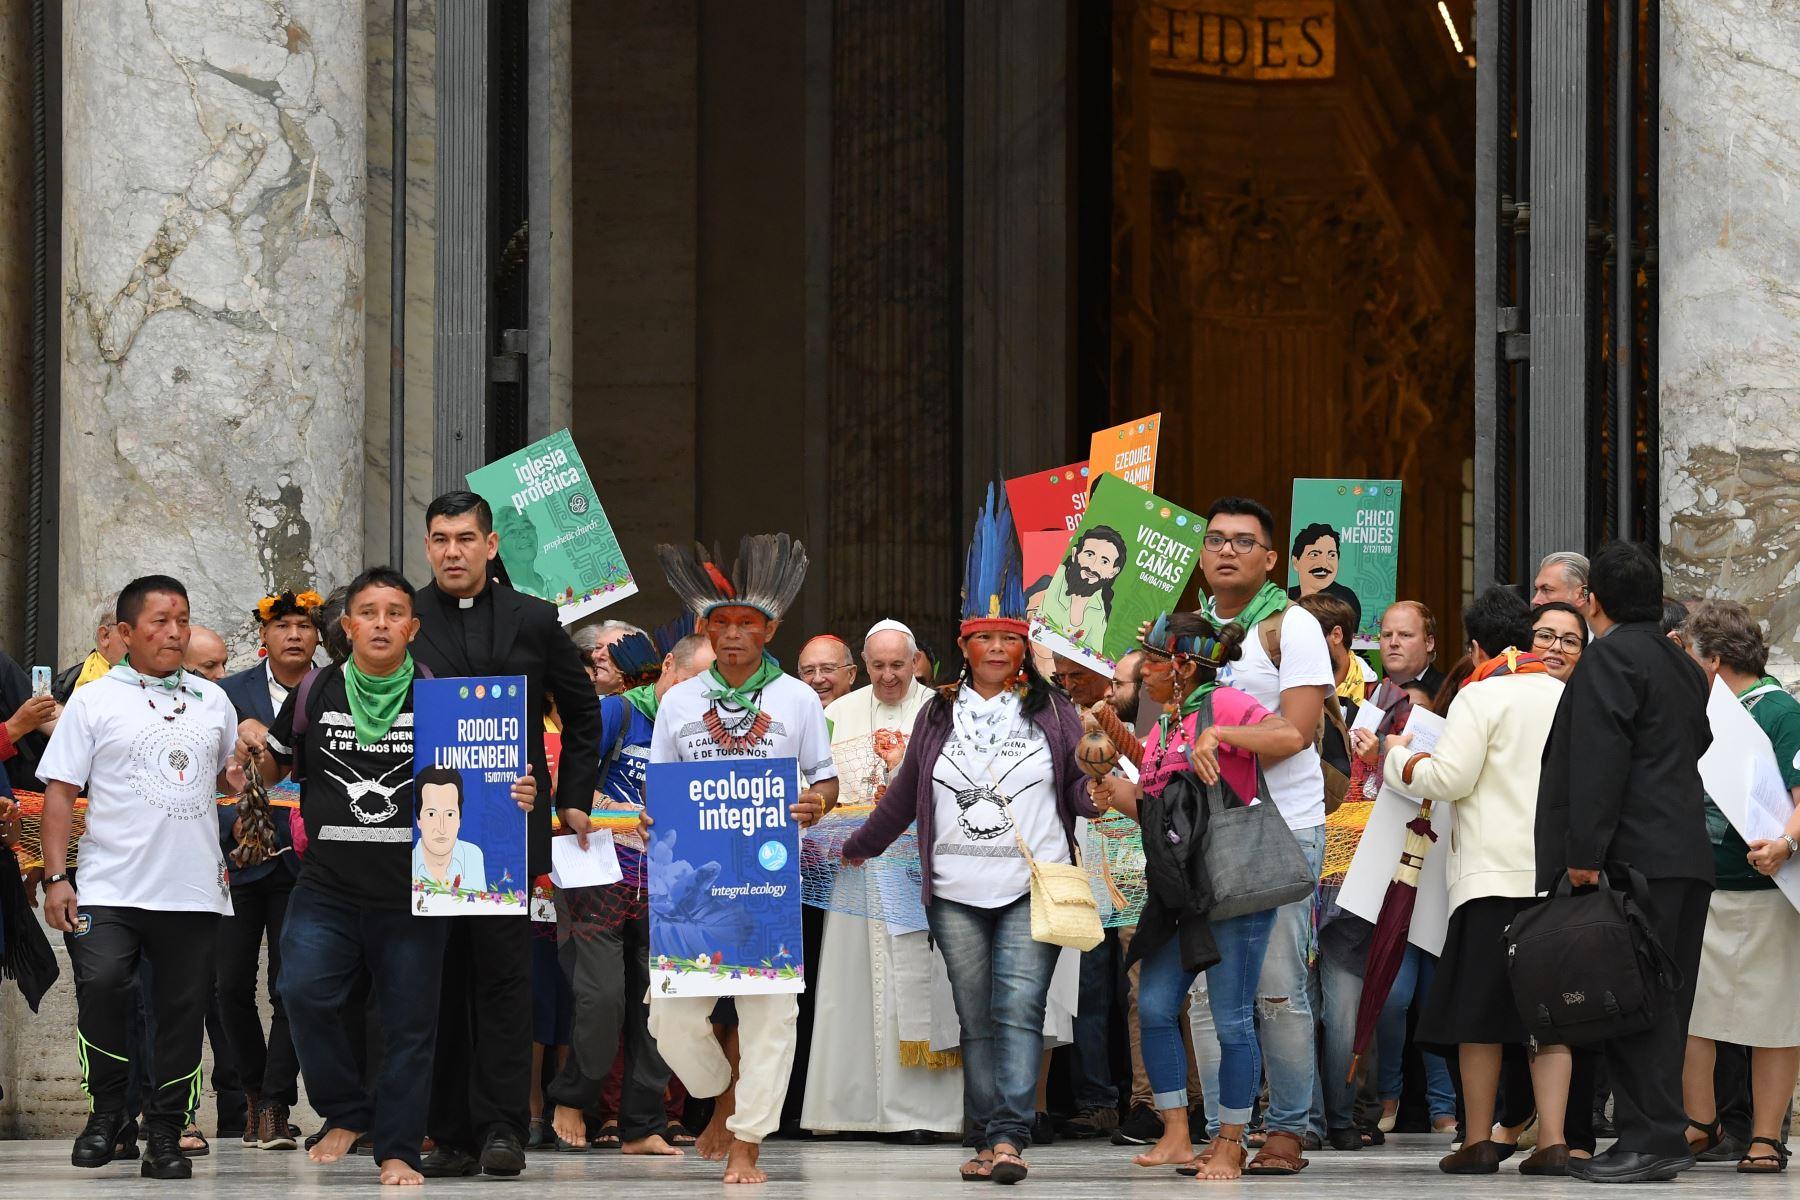 Representantes de los grupos étnicos de la selva amazónica y el papa Francisco (C) marchan en procesión durante la inauguración de la Asamblea Especial del Sínodo de los Obispos para la Región Pan-Amazónica, en la Basílica de San Pedro en el Vaticano.Foto:AFP